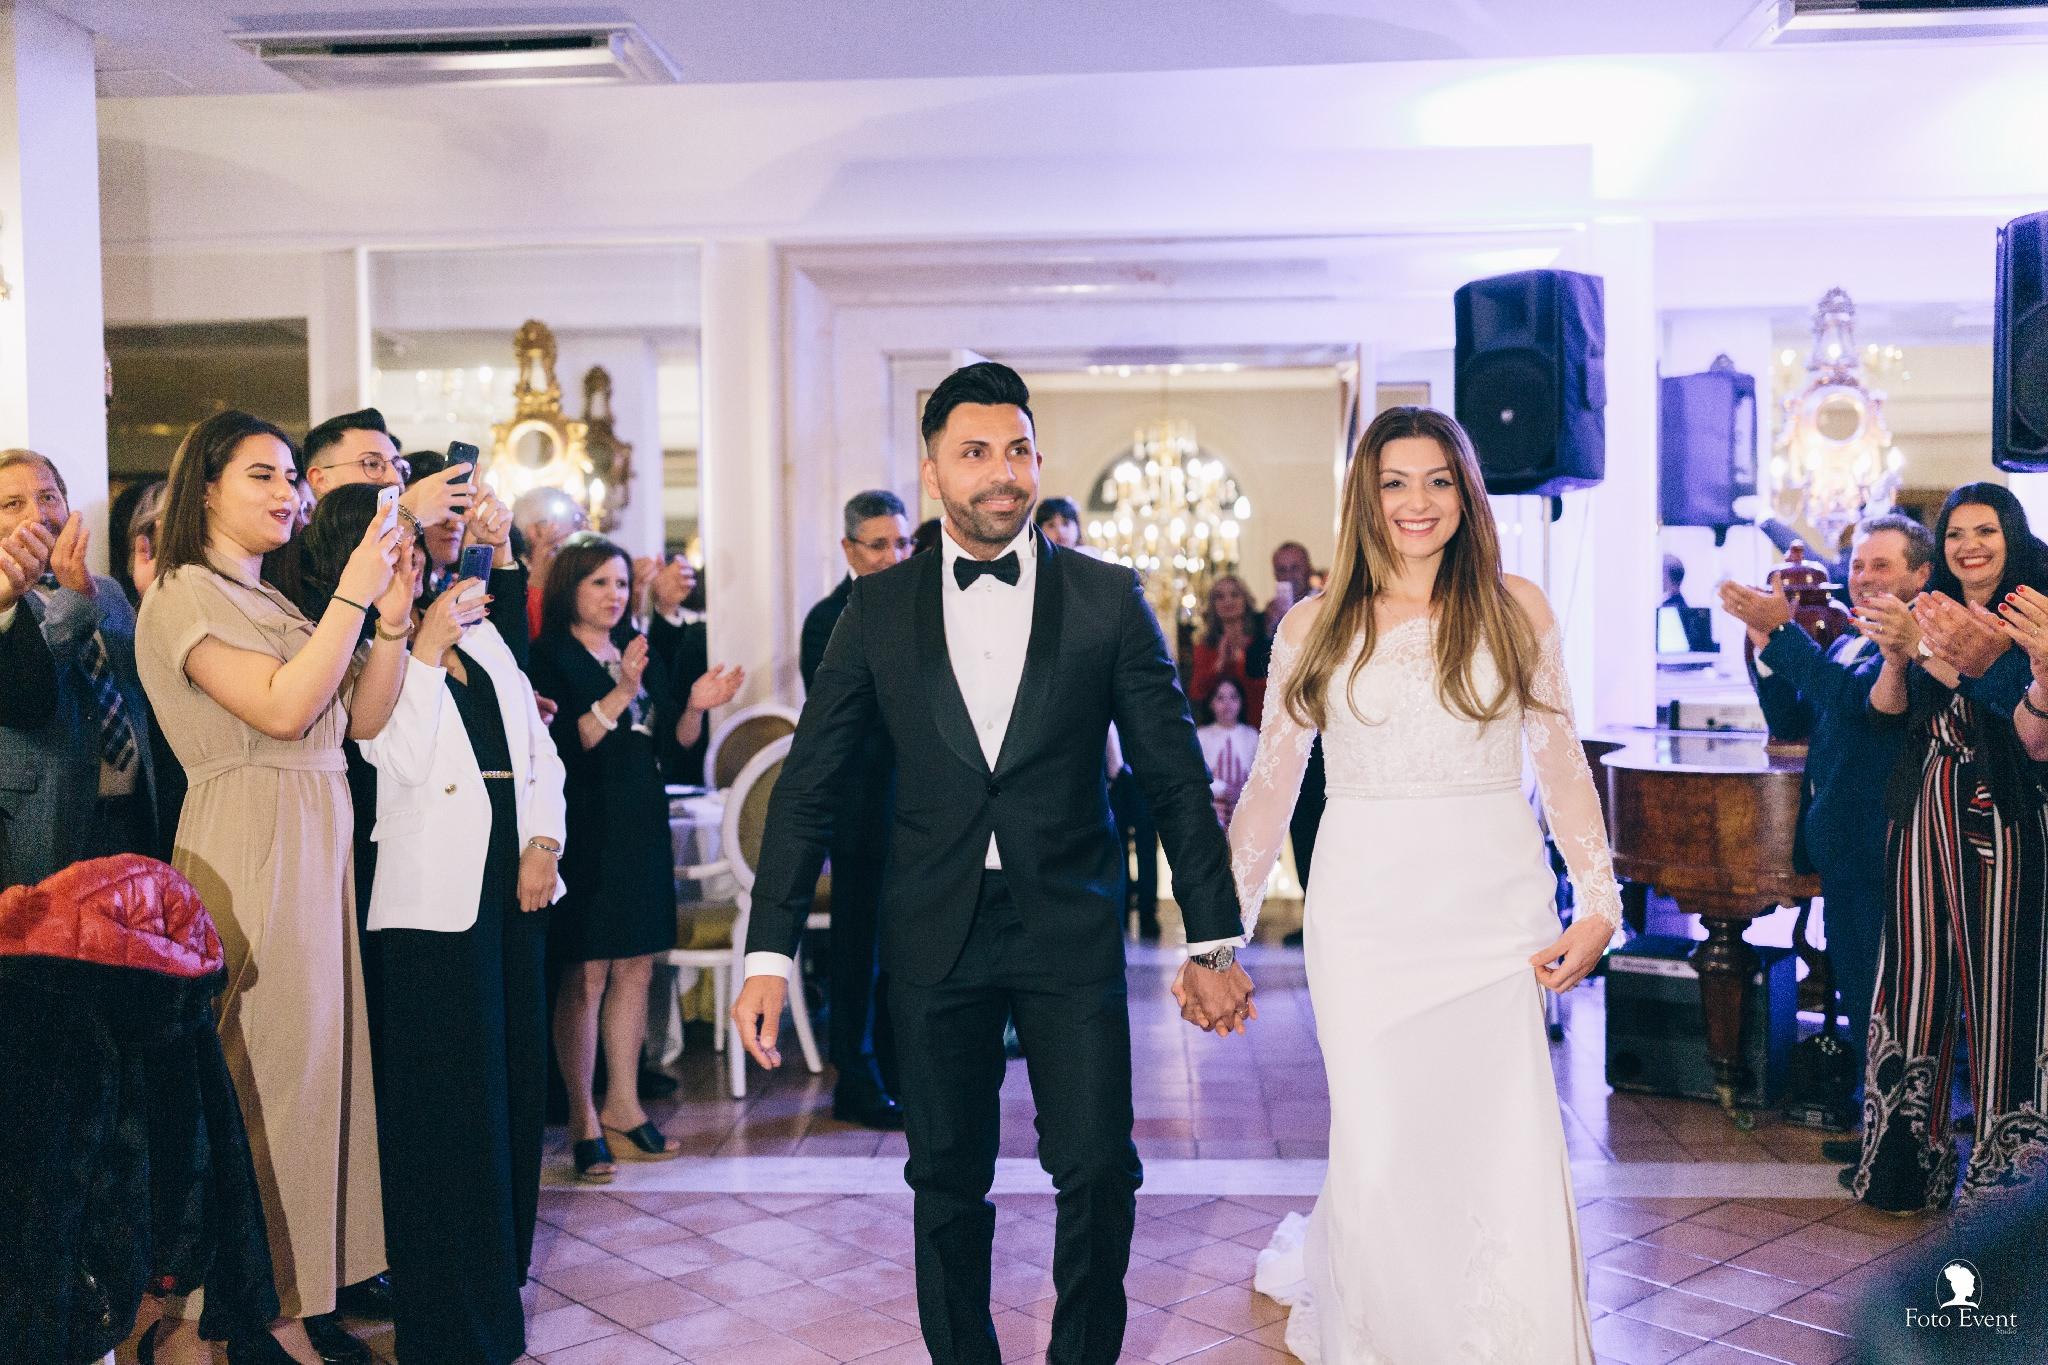 627-2019-05-09-Matrimonio-Maria-Concetta-e-Daniel-Gebbia-35mm-654